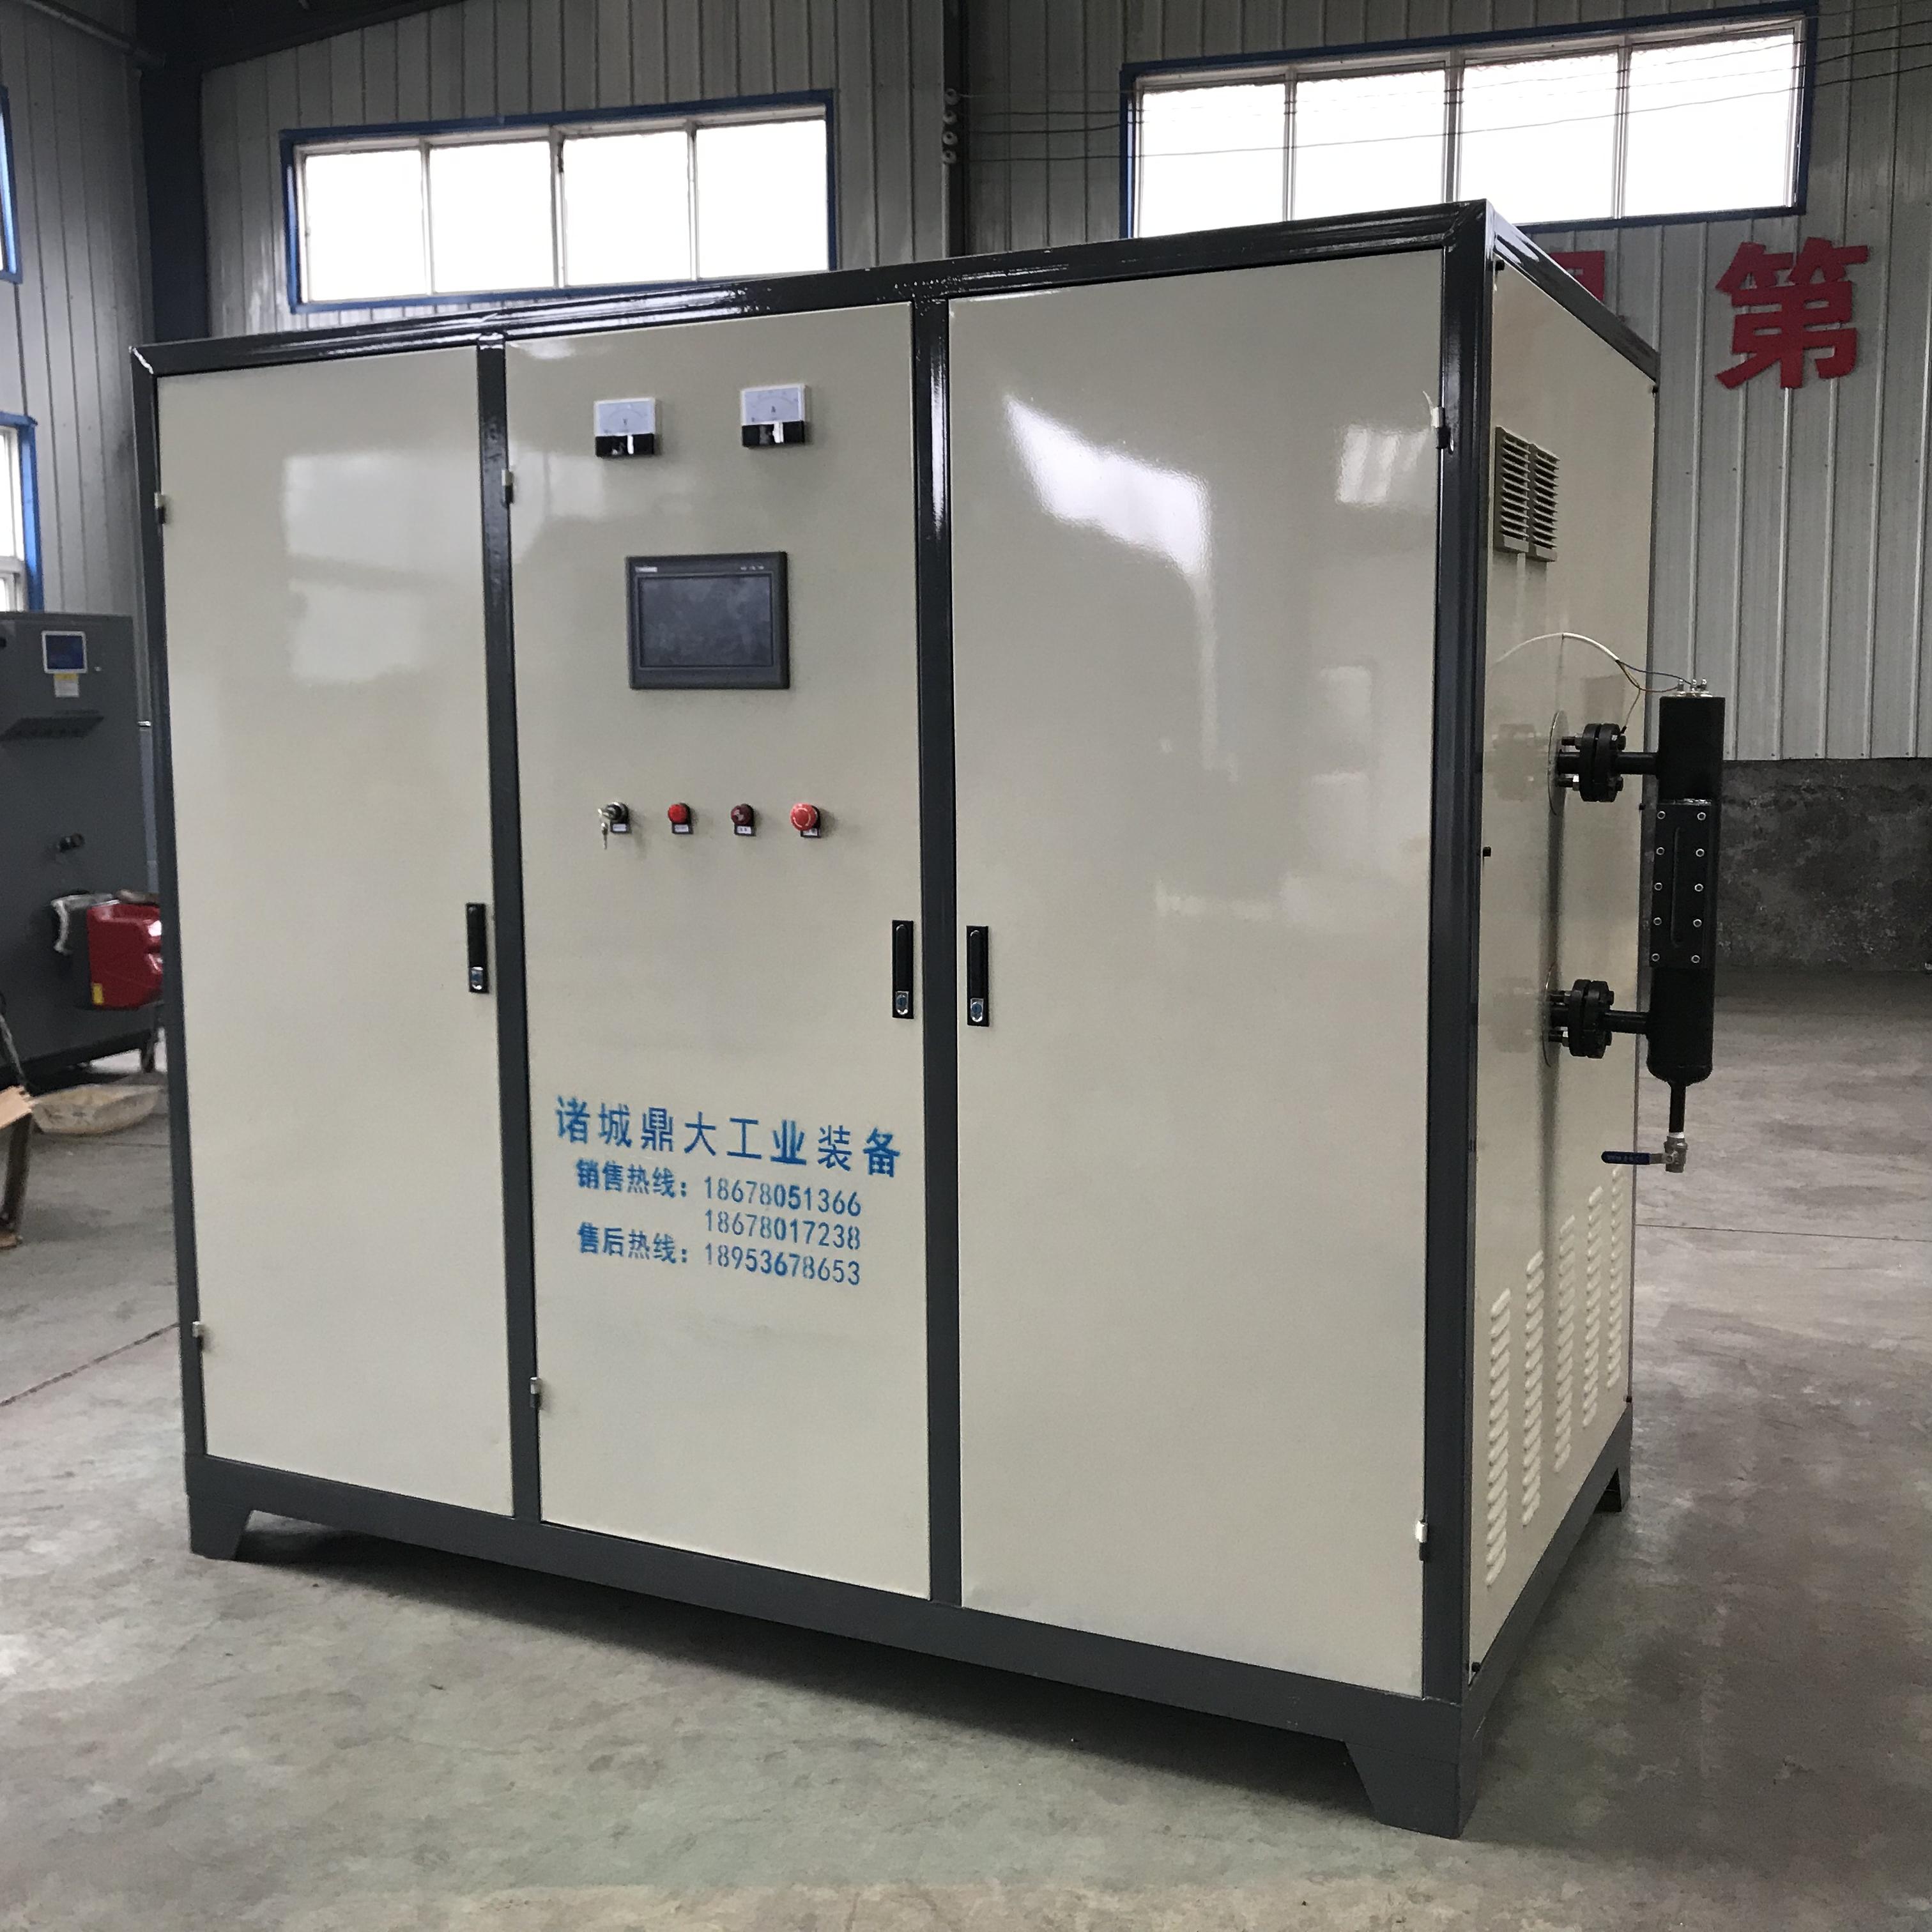 400千瓦电磁蒸汽发生器厂家